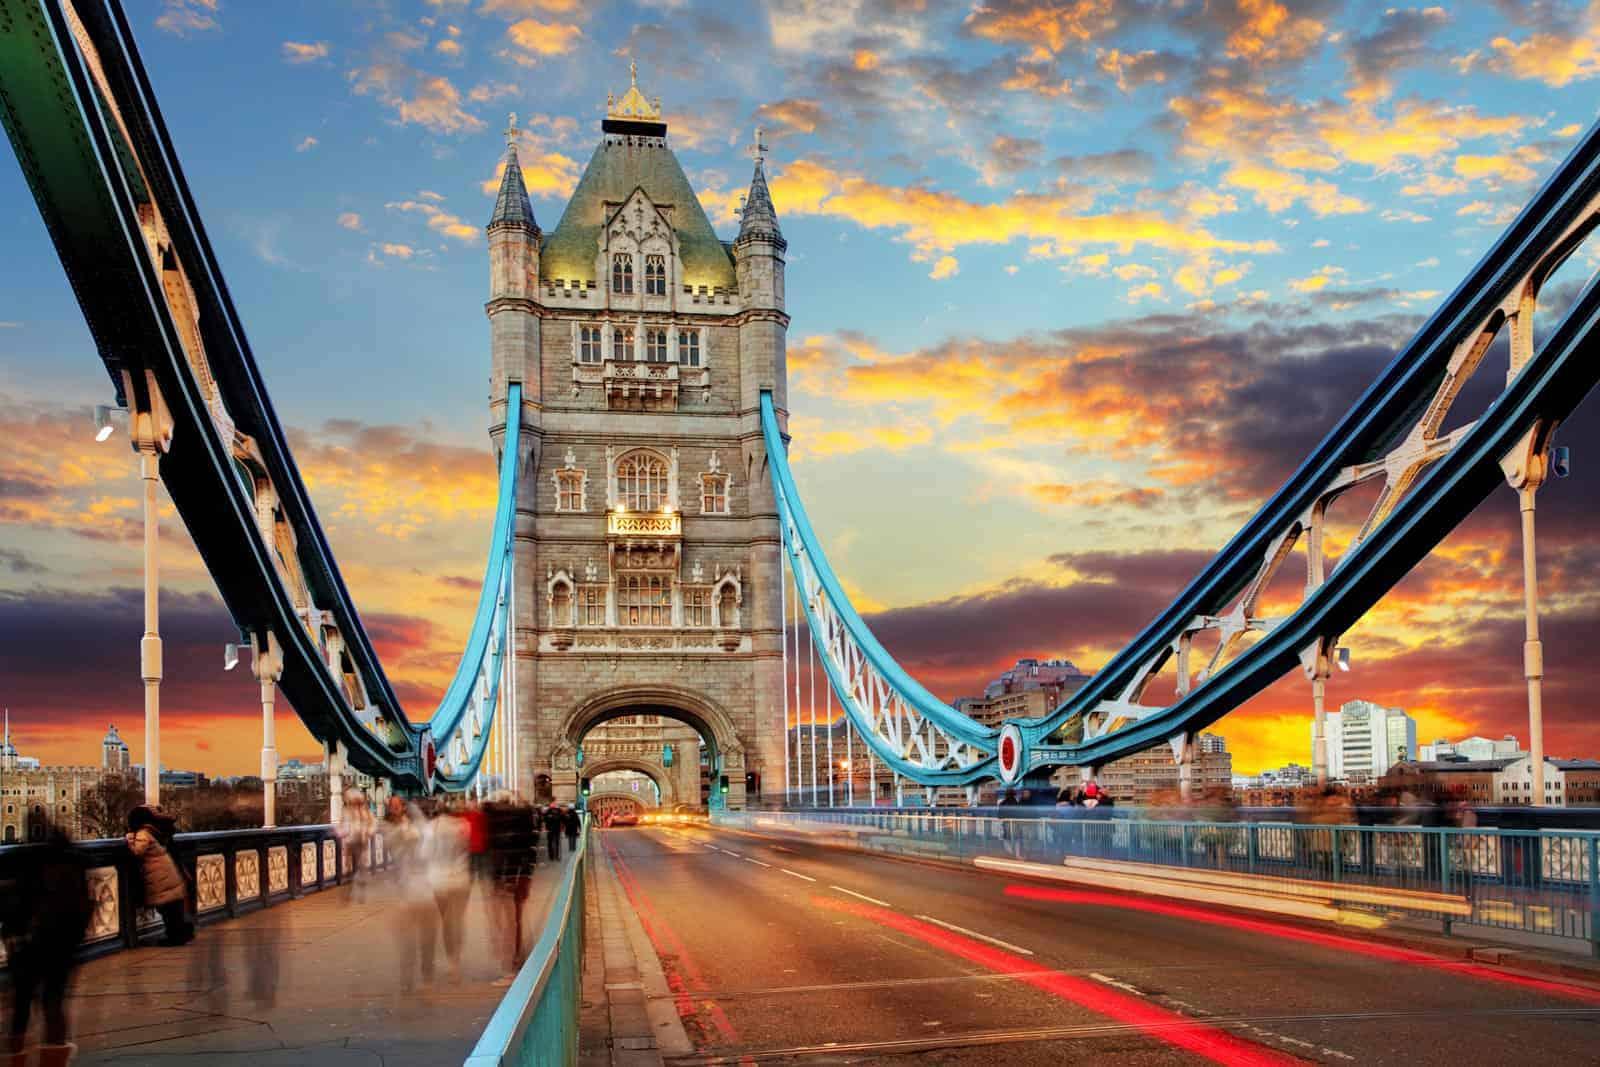 Obiščite London